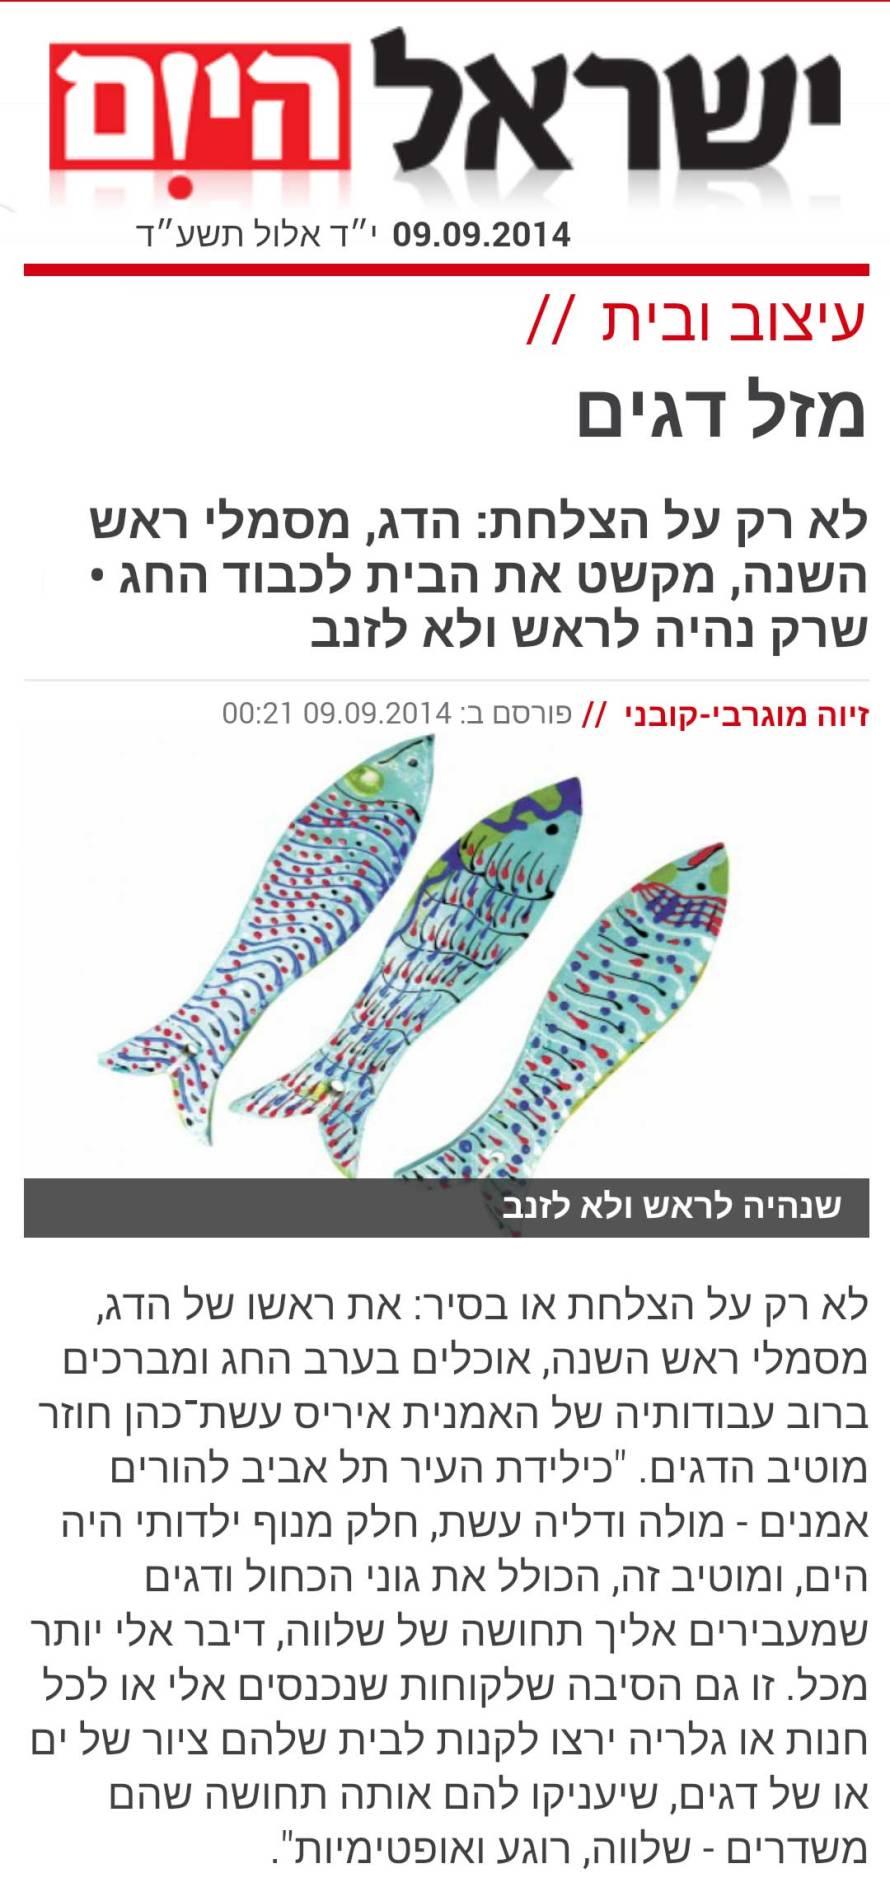 על אמנות הדגים. כתבה מתוך ישראל היום.